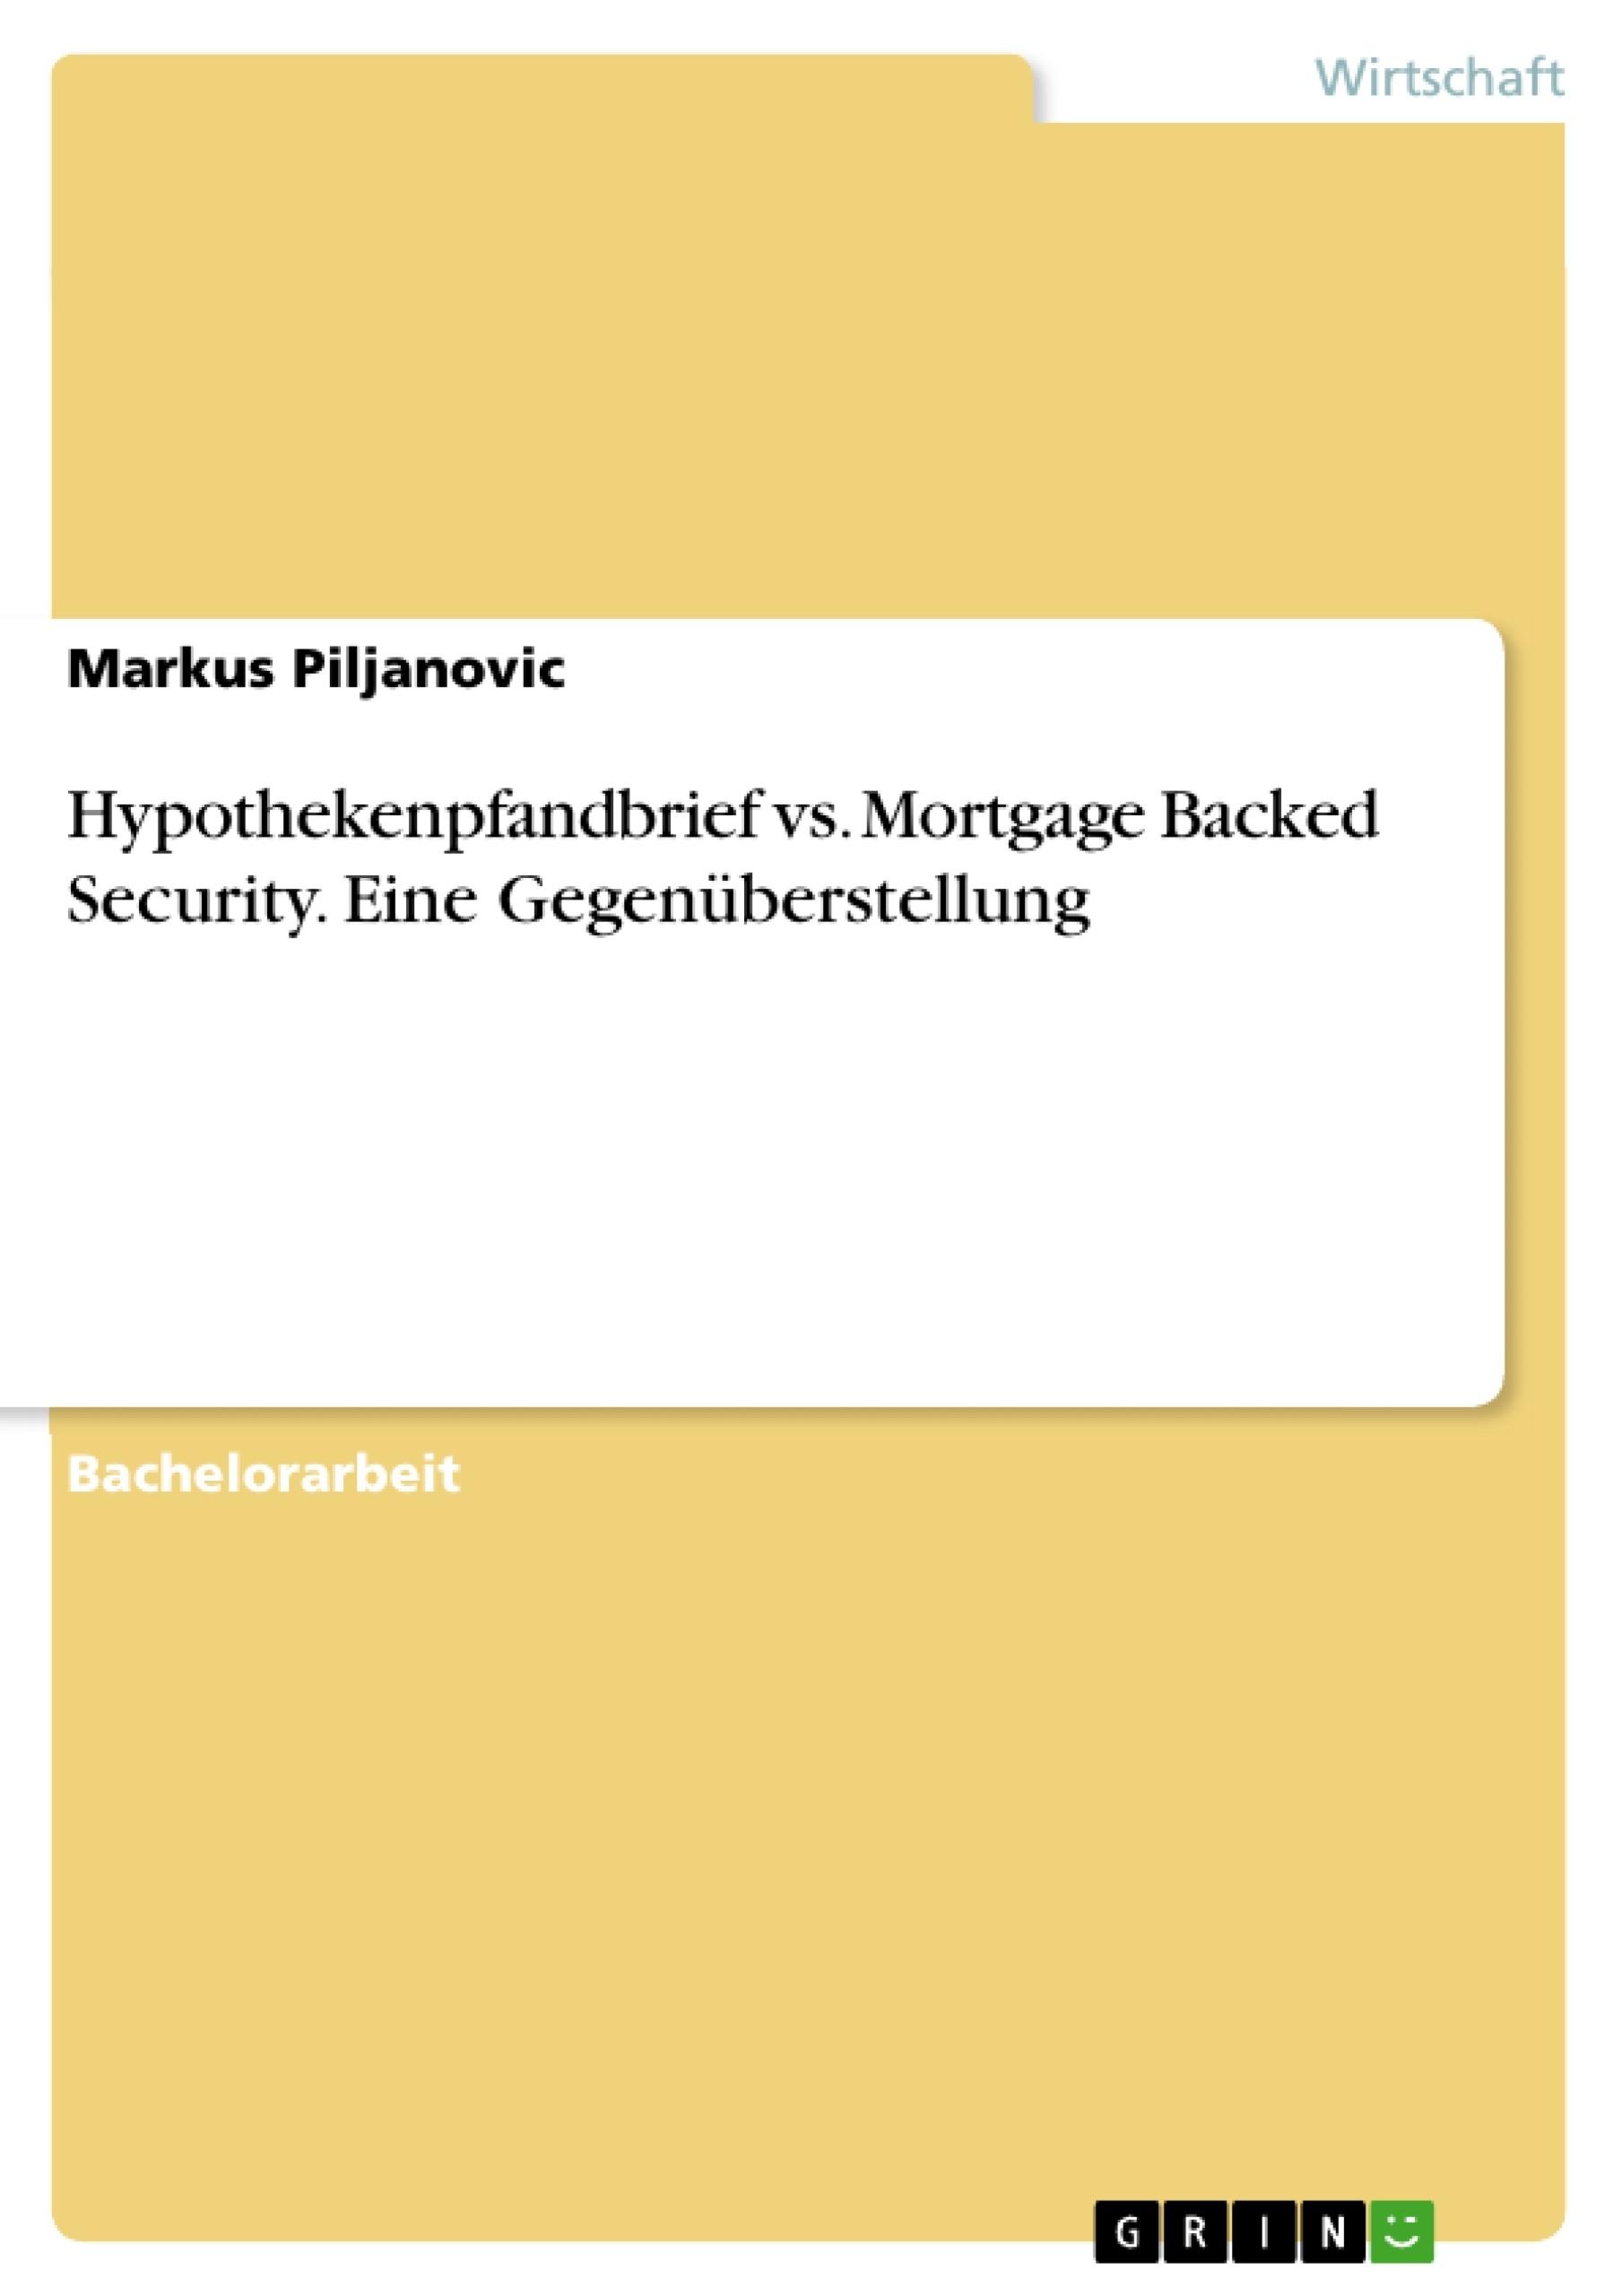 Titel: Hypothekenpfandbrief vs. Mortgage Backed Security. Eine Gegenüberstellung